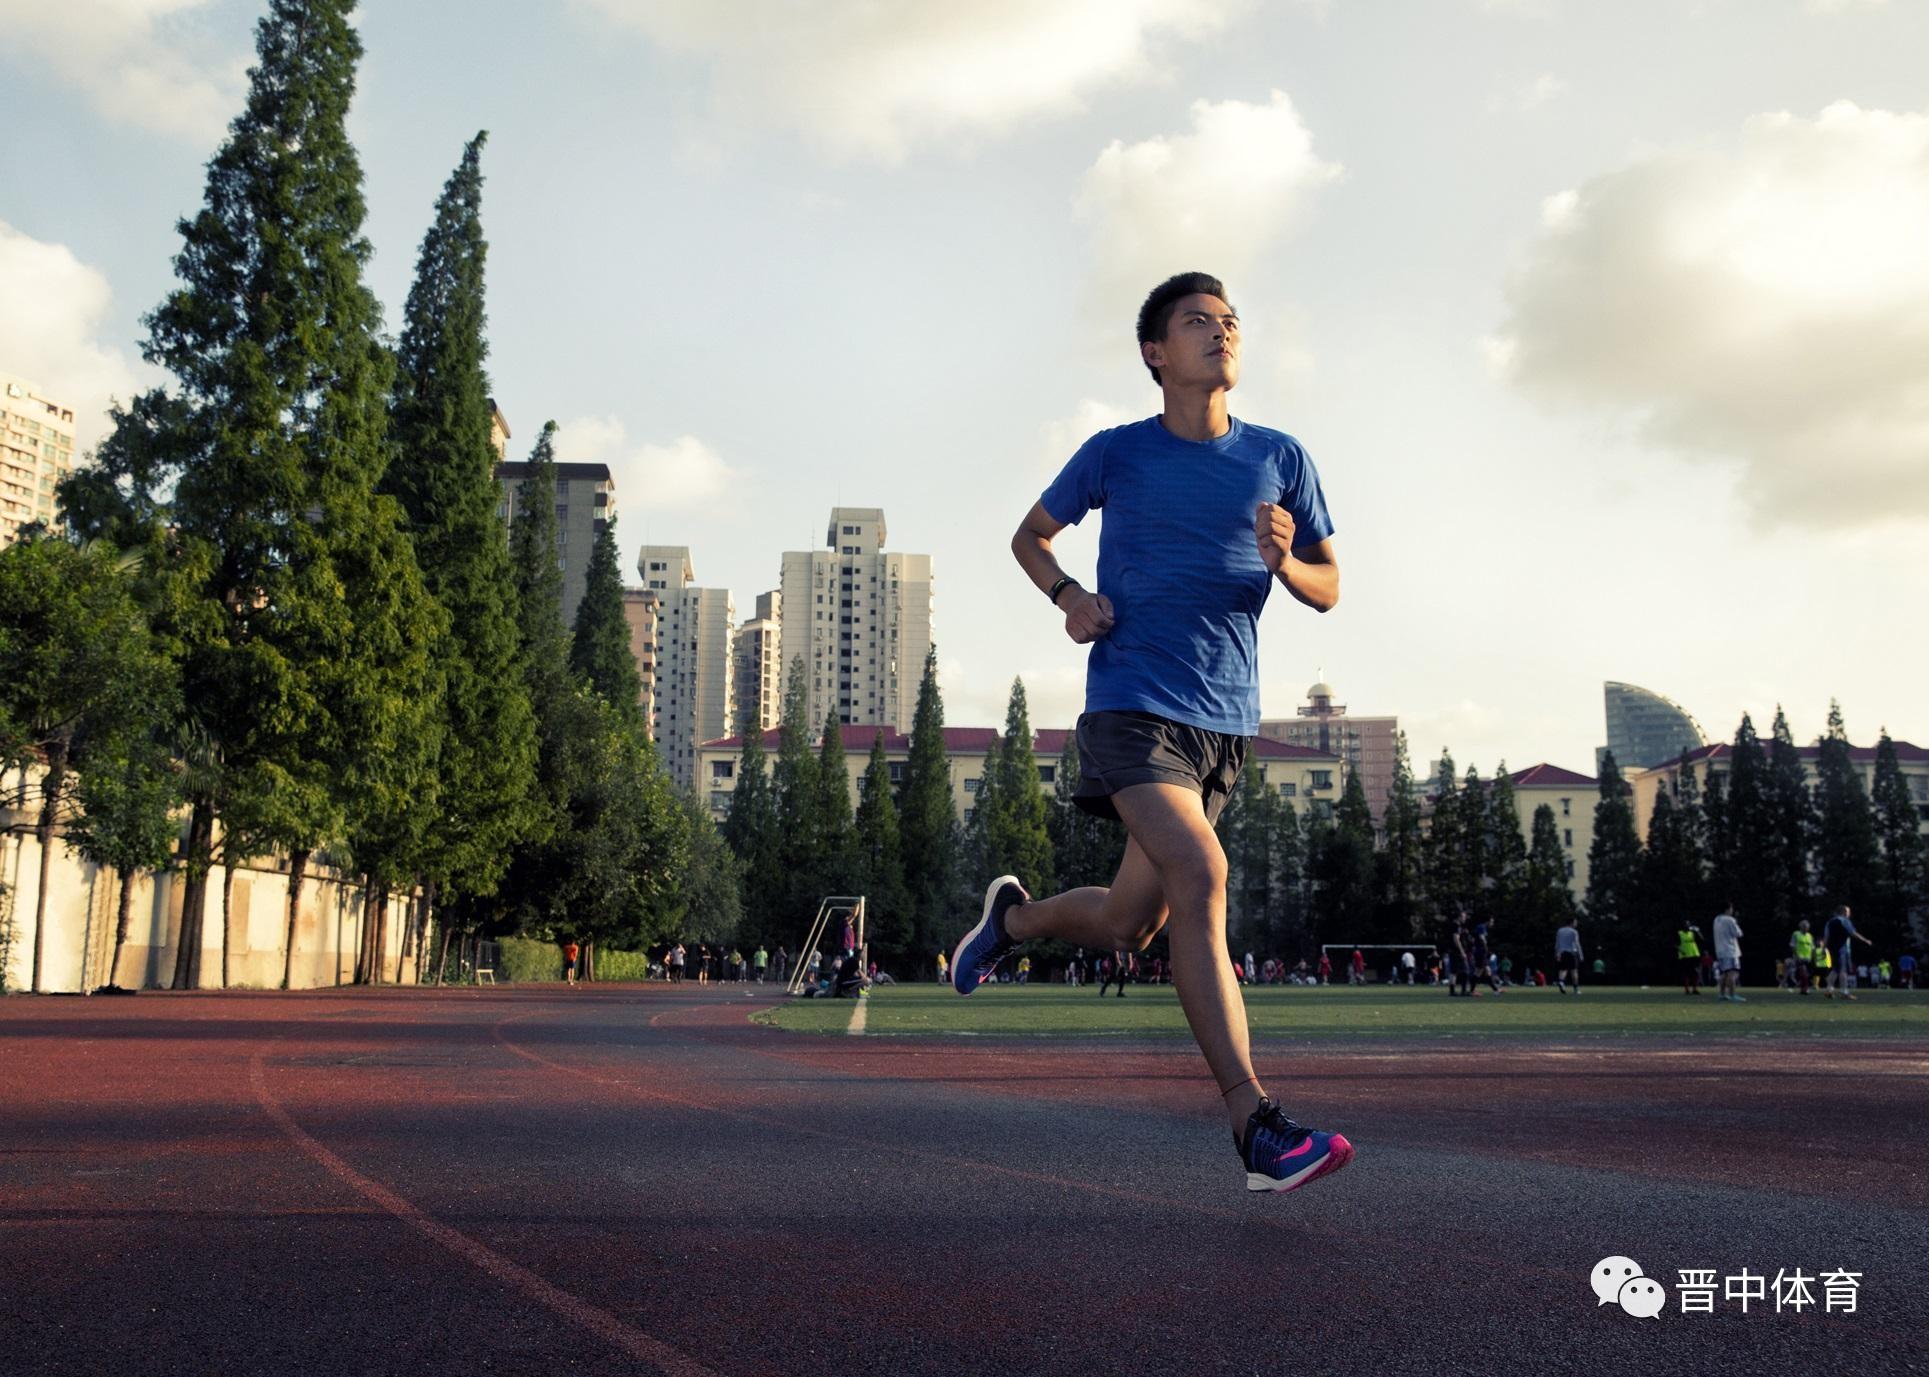 【健康健身】你真的会跑步吗?